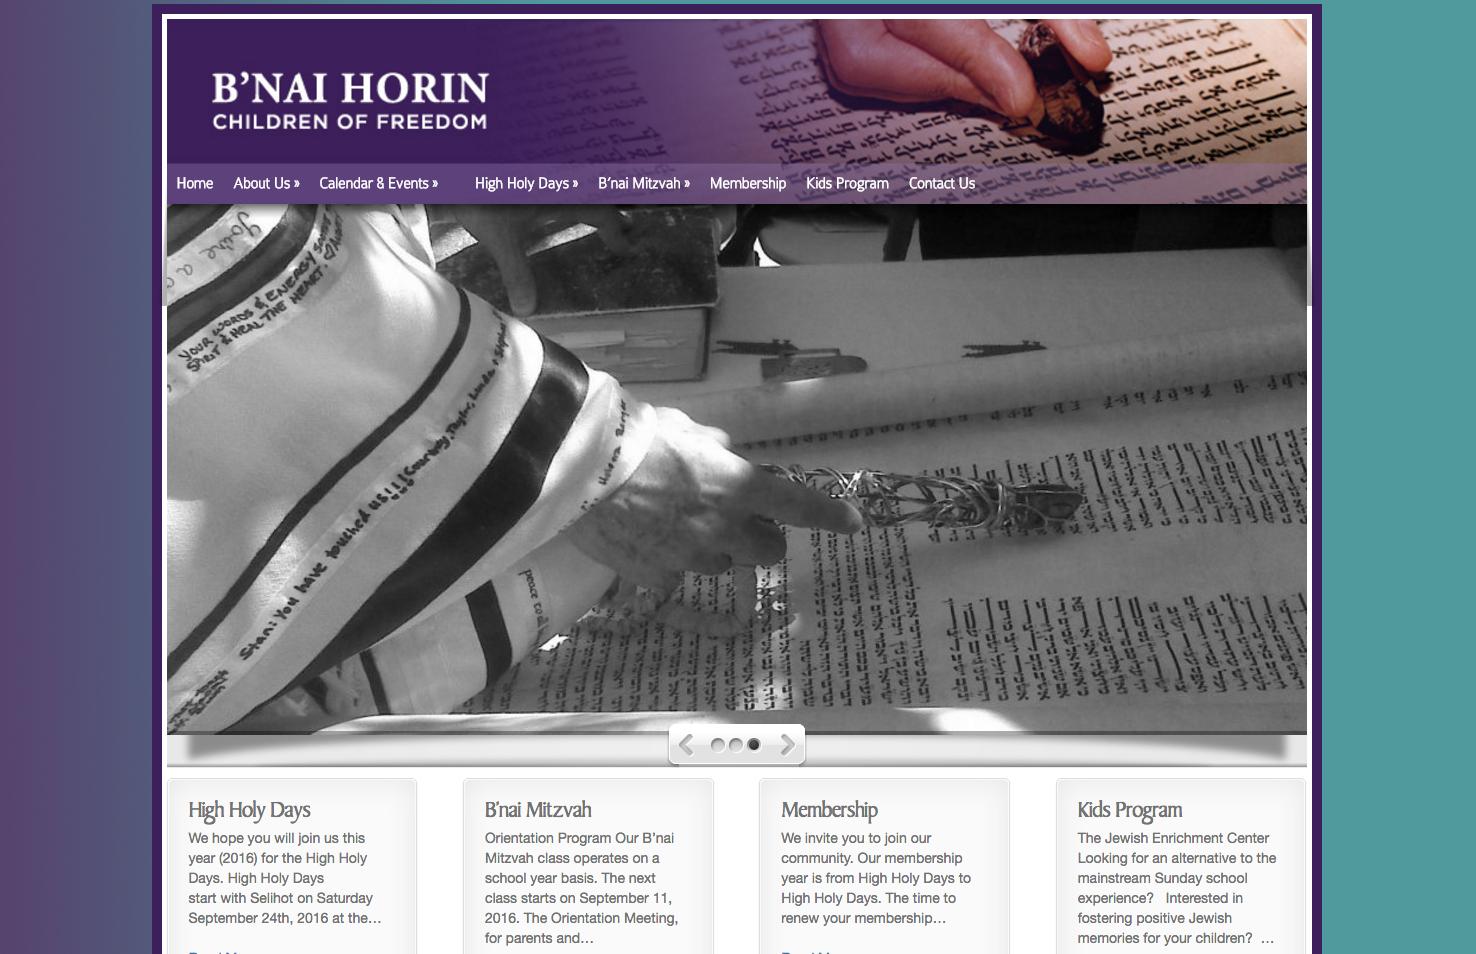 Visit B'Nai Horin